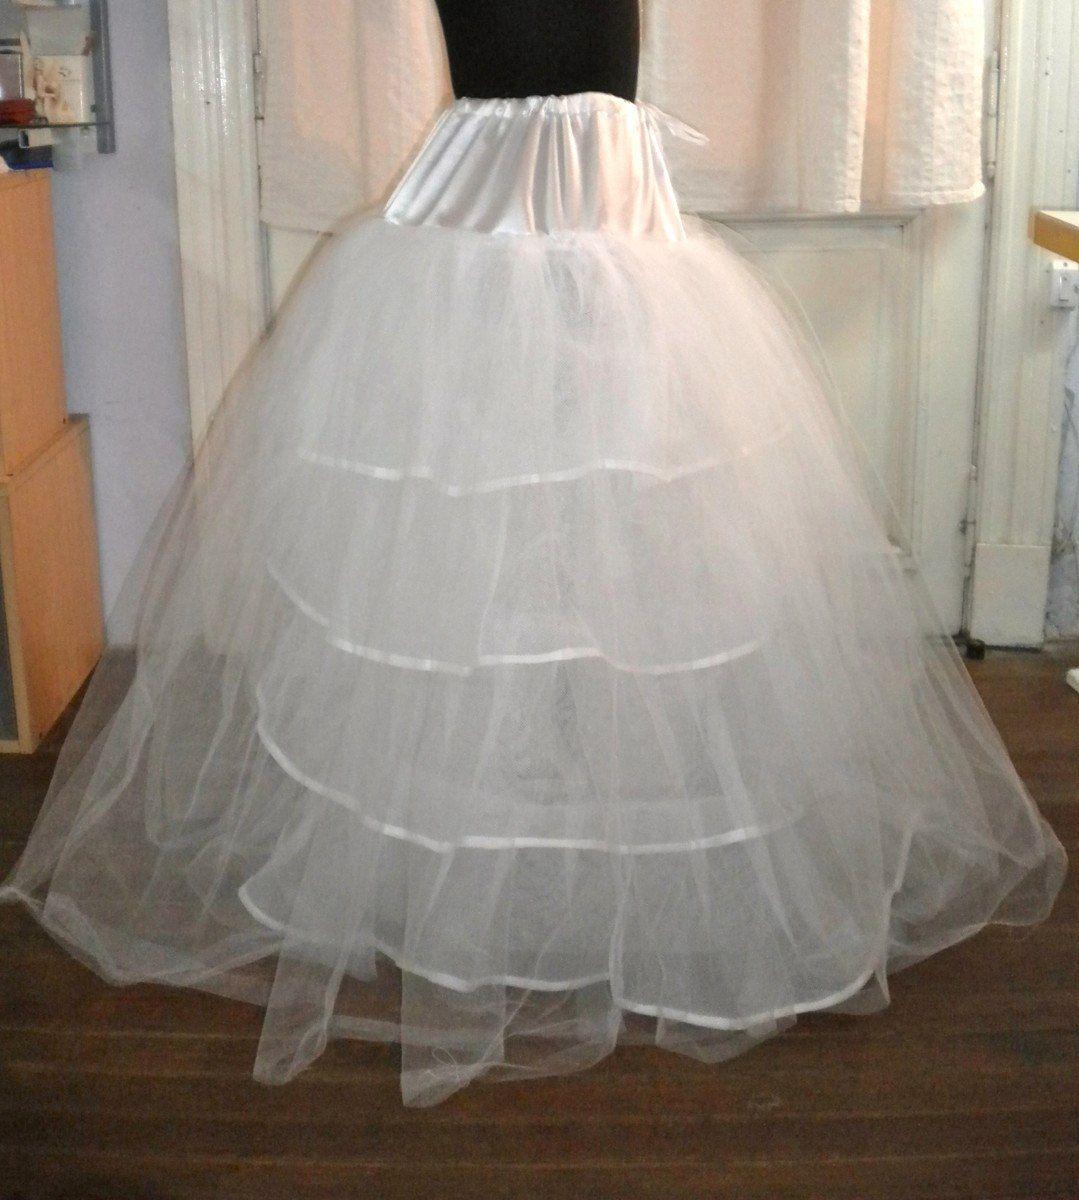 ENAGUA prenda de vestir de la mujer, especie de saya por lo general de tela blanca que se usa por debajo de la falda exterior